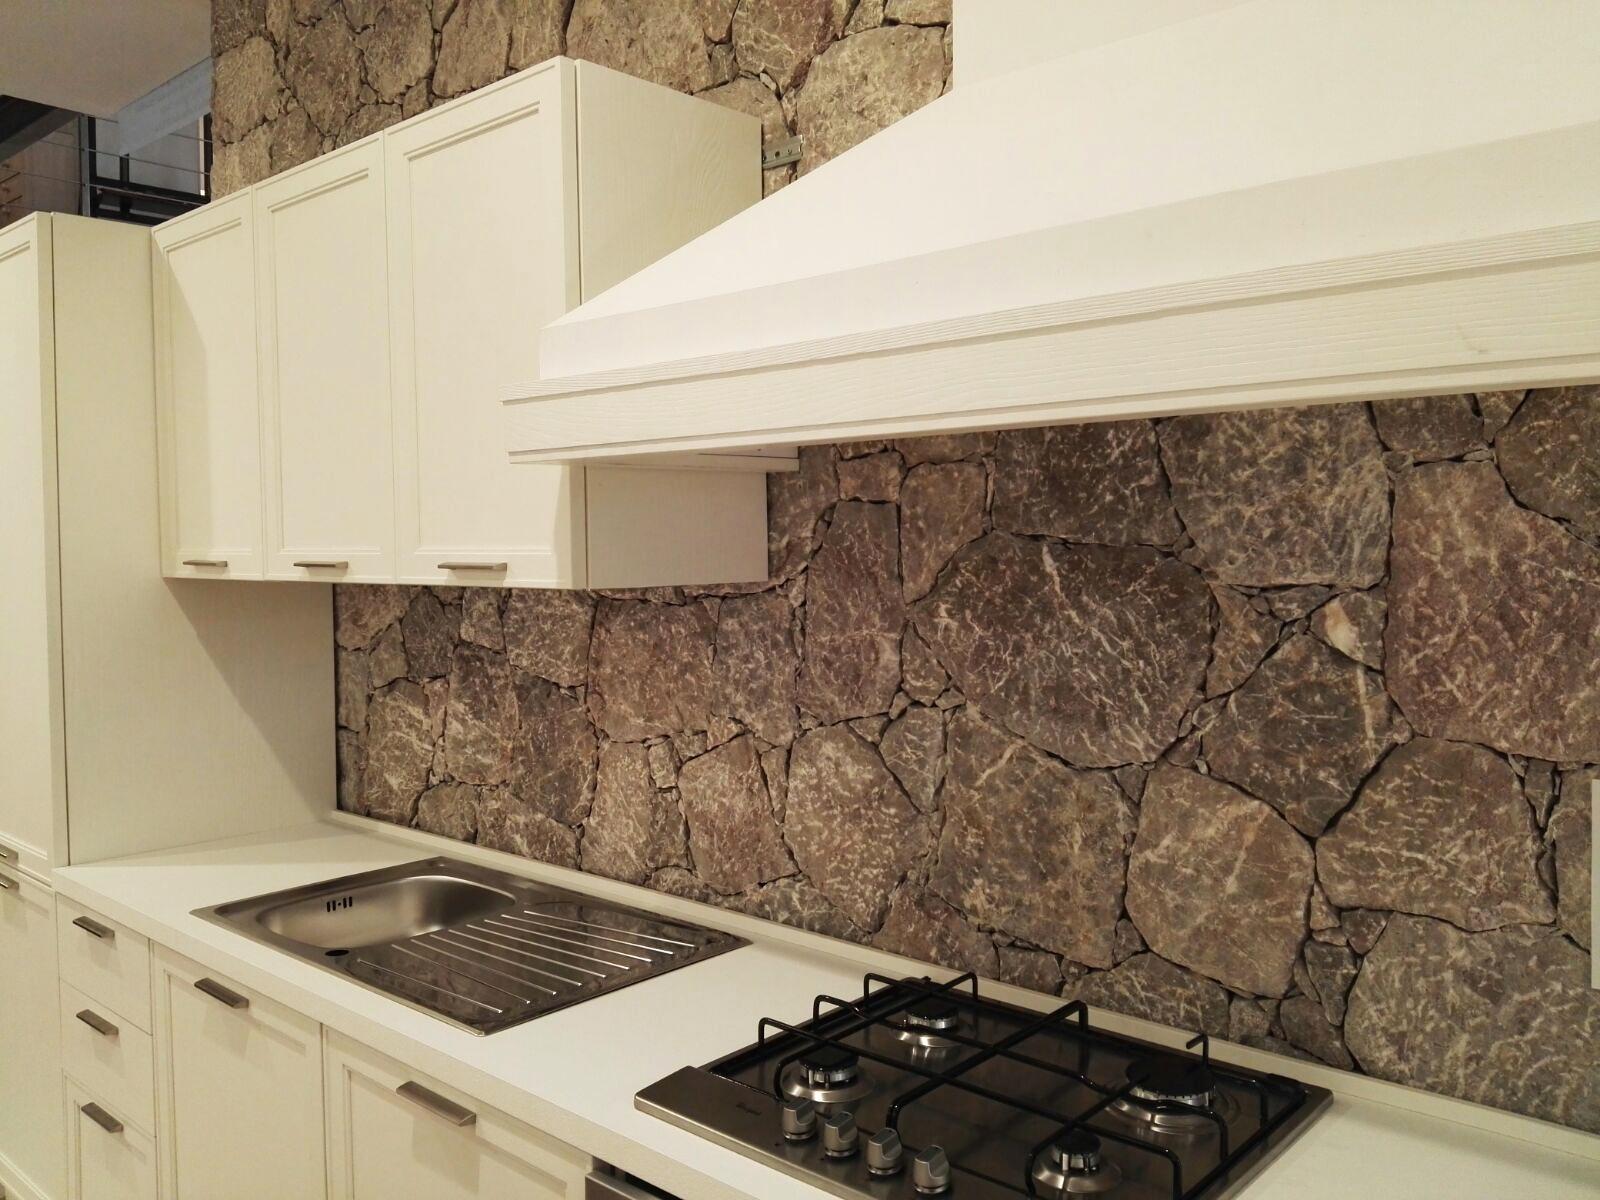 Cucina le fablier melograno moderna legno cucine a prezzi scontati - Le fablier cucine ...